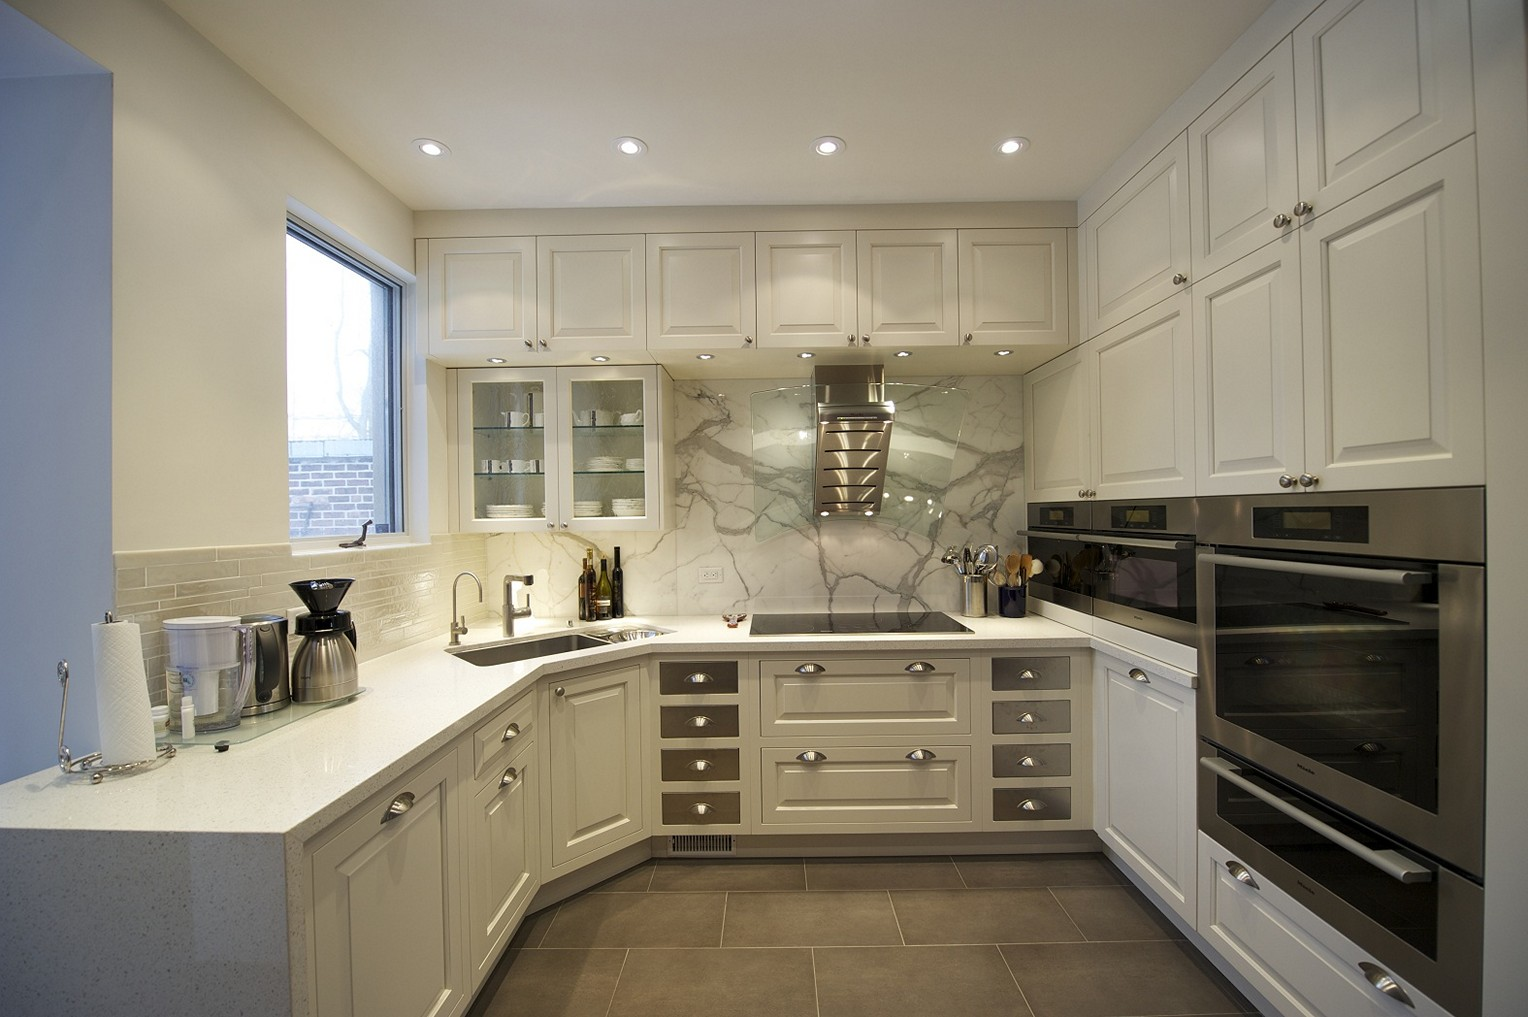 угловая кухня с мойкой в углу дизайн идеи